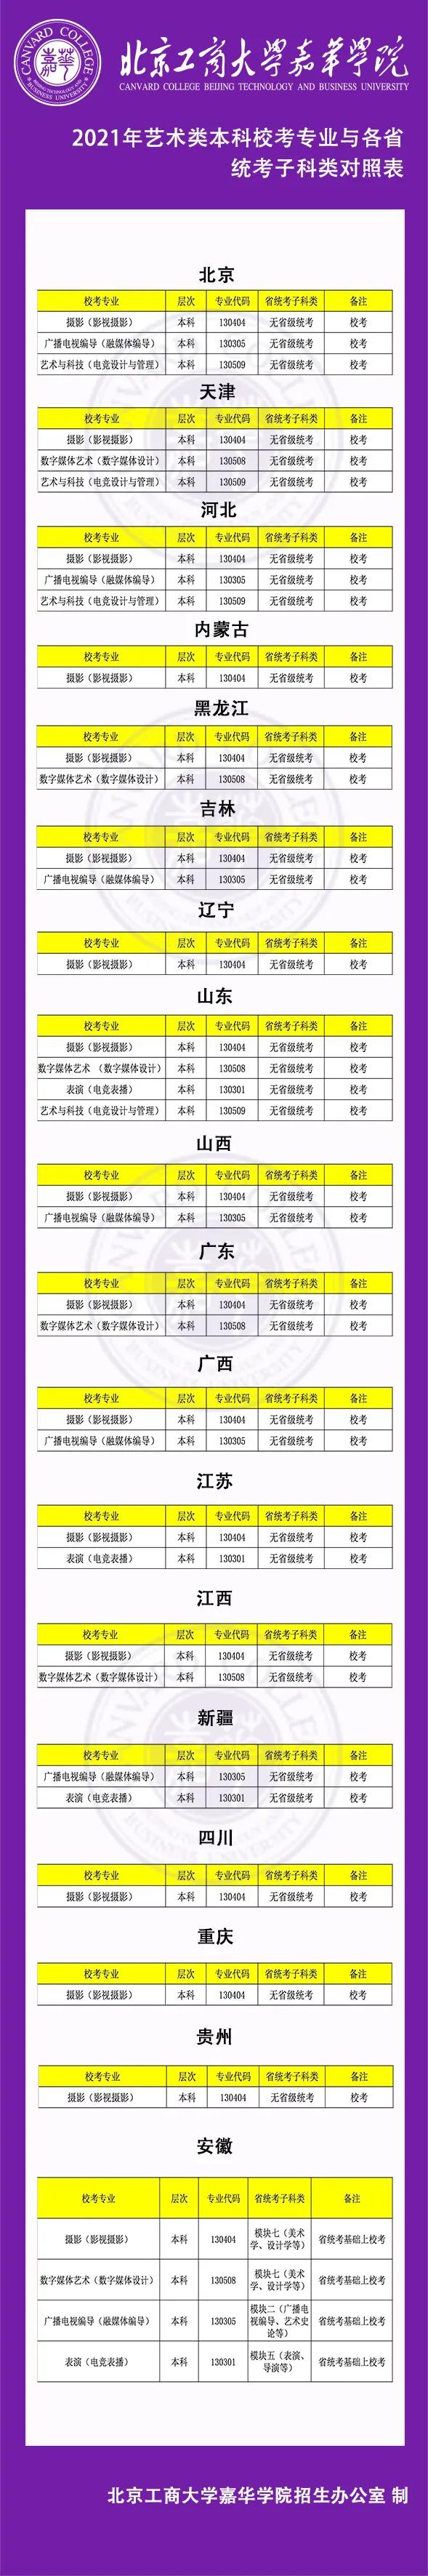 北京工商大学嘉华学院2021年艺术类招生简章